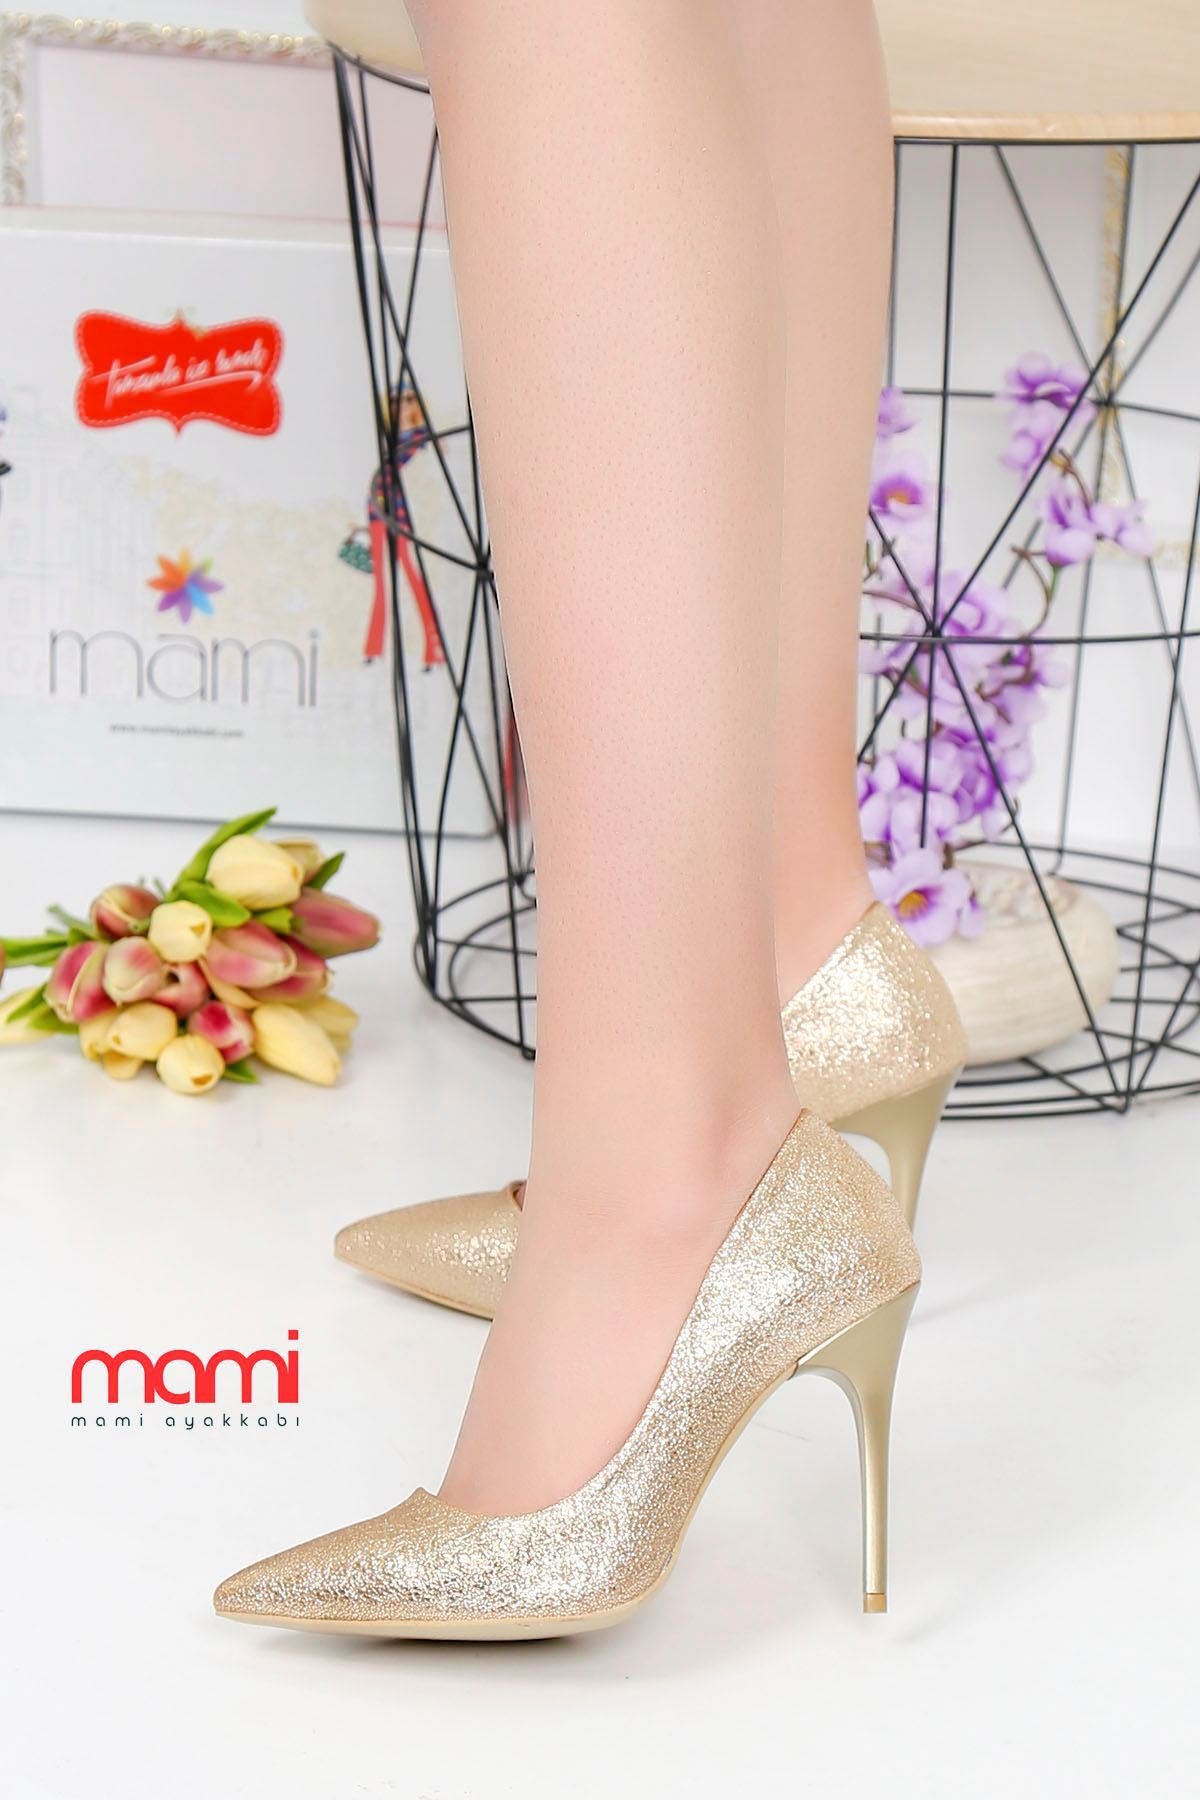 Mami- Stiletto Ayakkabı Gold Kırışık Deri